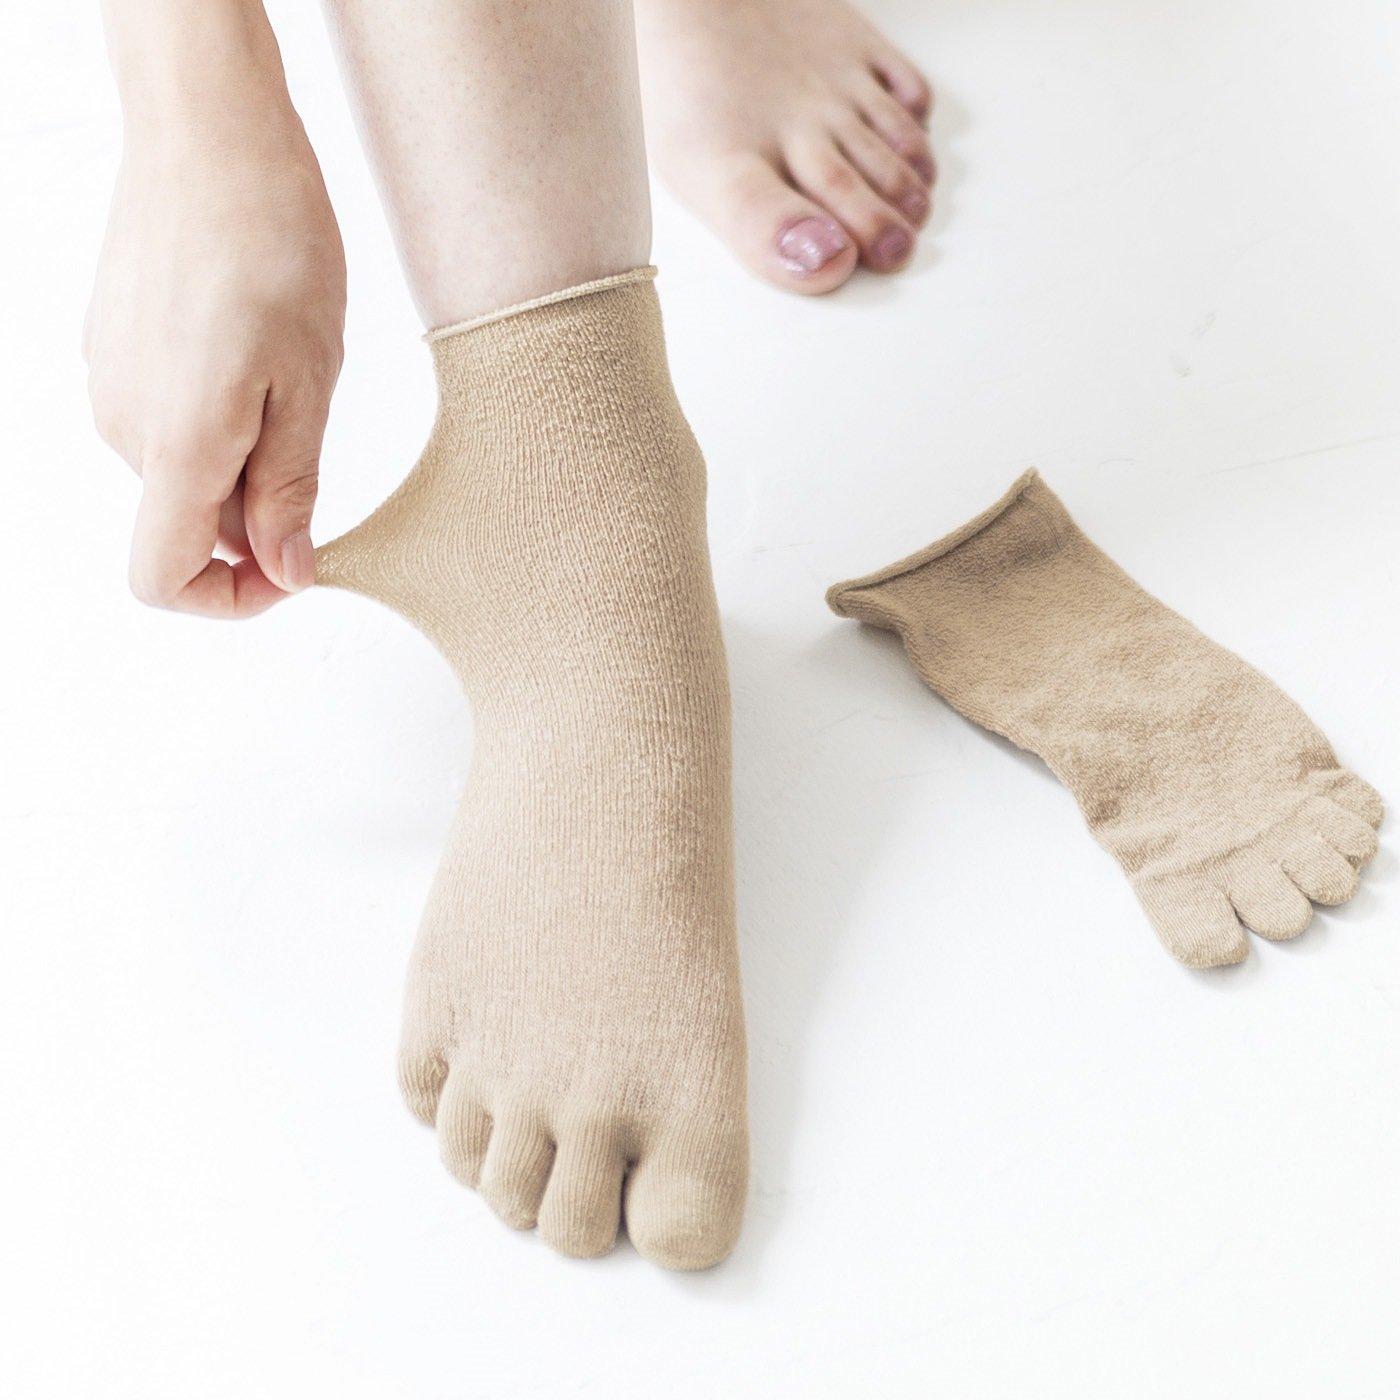 【2足セット】シルク80%! のびのびフィットでむれ対策 5本指インナーソックスの会